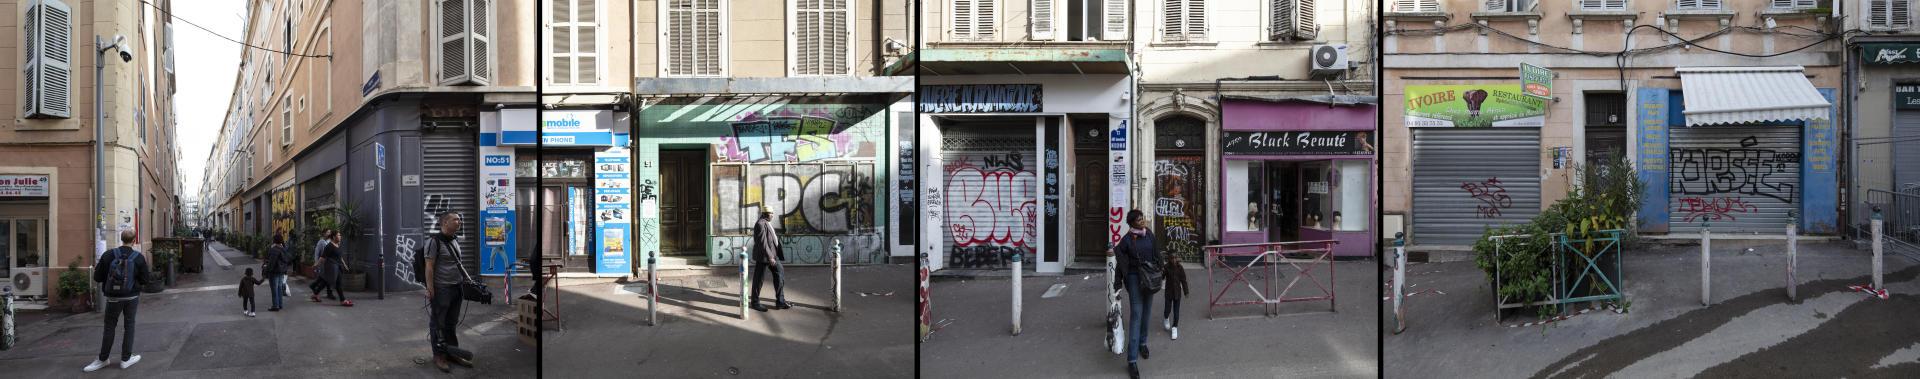 Remontée de la rue d'Aubagne, à Marseille, du numéro 51 au numéro 57, le 14 novembre. La zone d'effondrement est inaccessible.